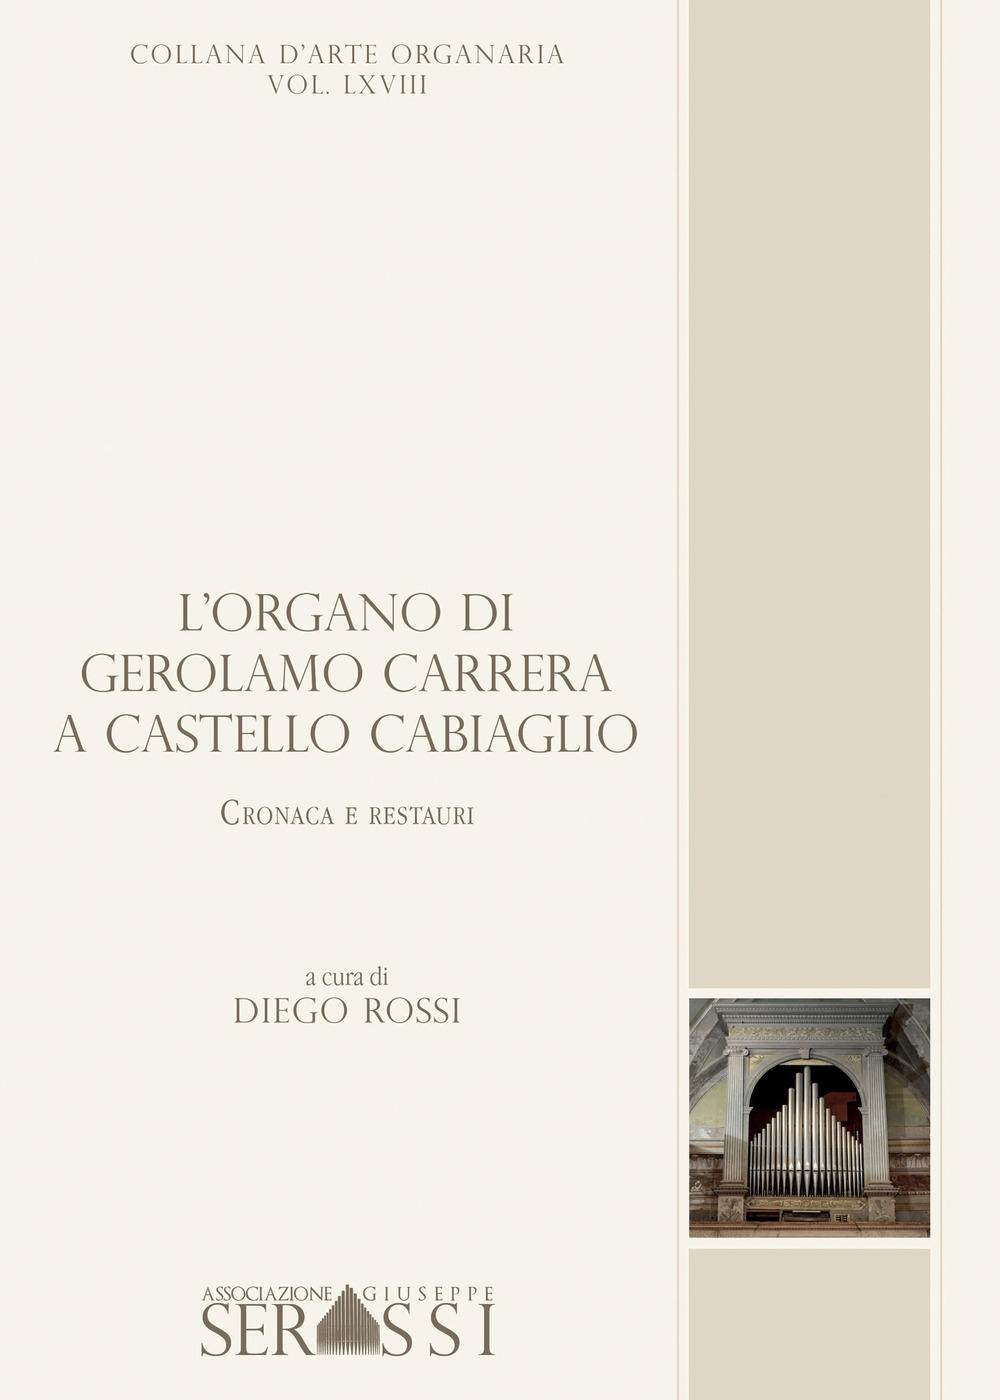 L'organo di Gerolamo Carrera a Castello Cabiaglio. Cronaca e restauri